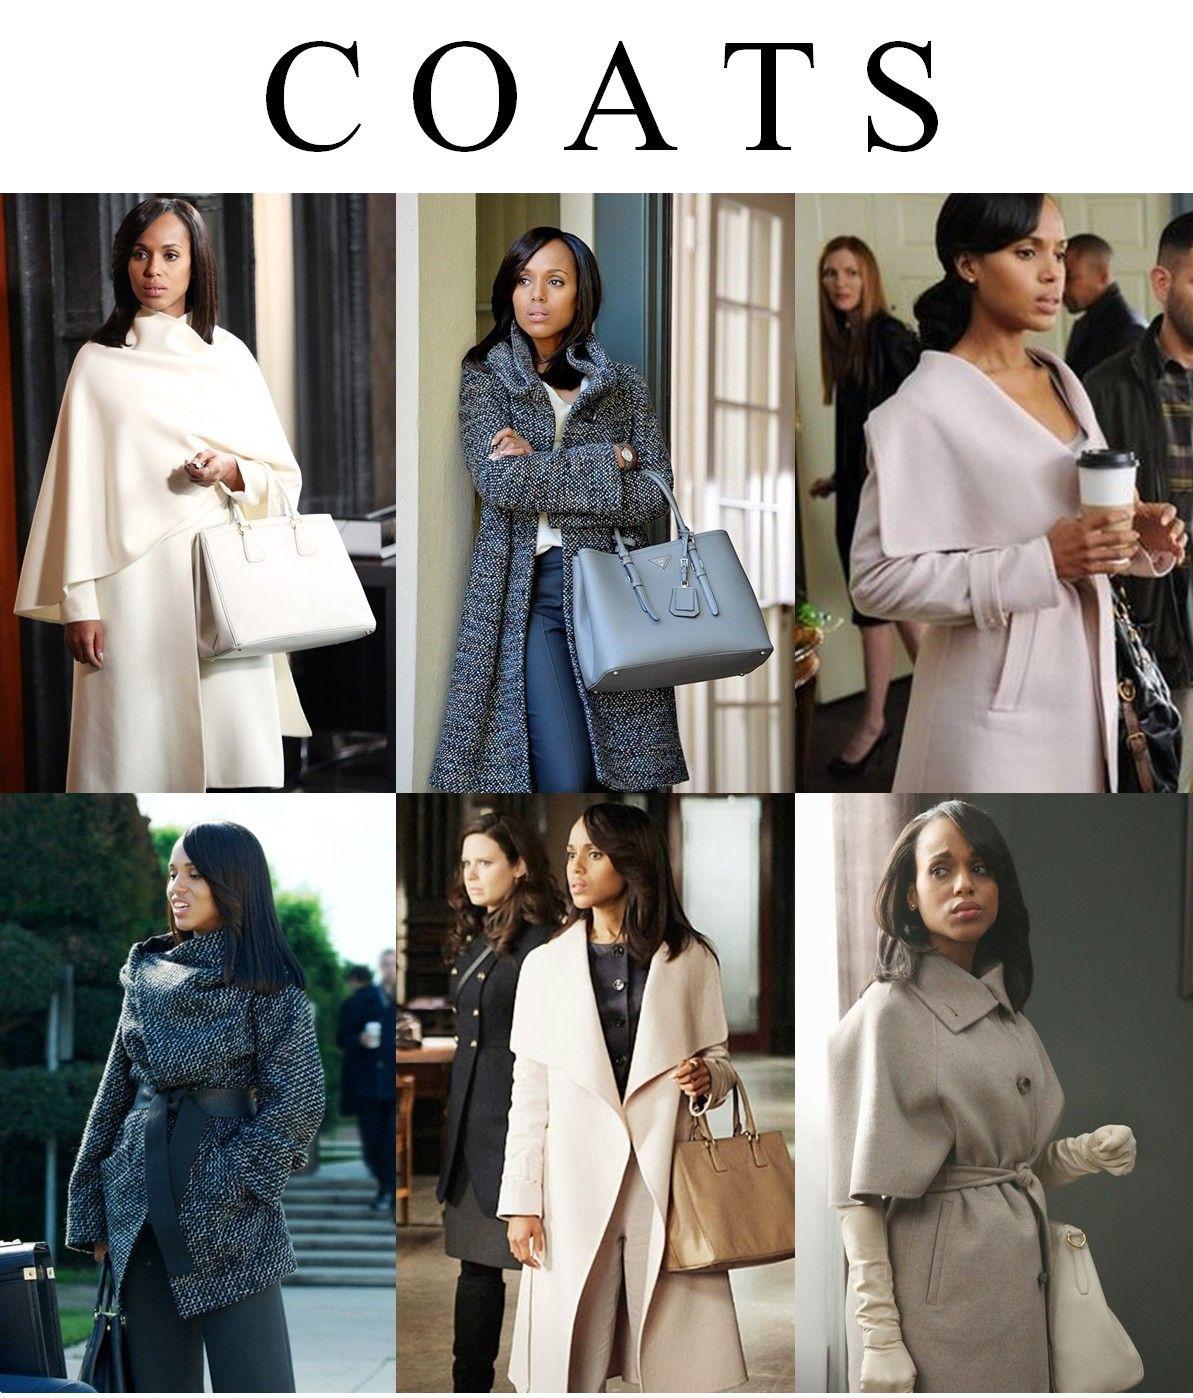 coats.jpg (1193×1398)